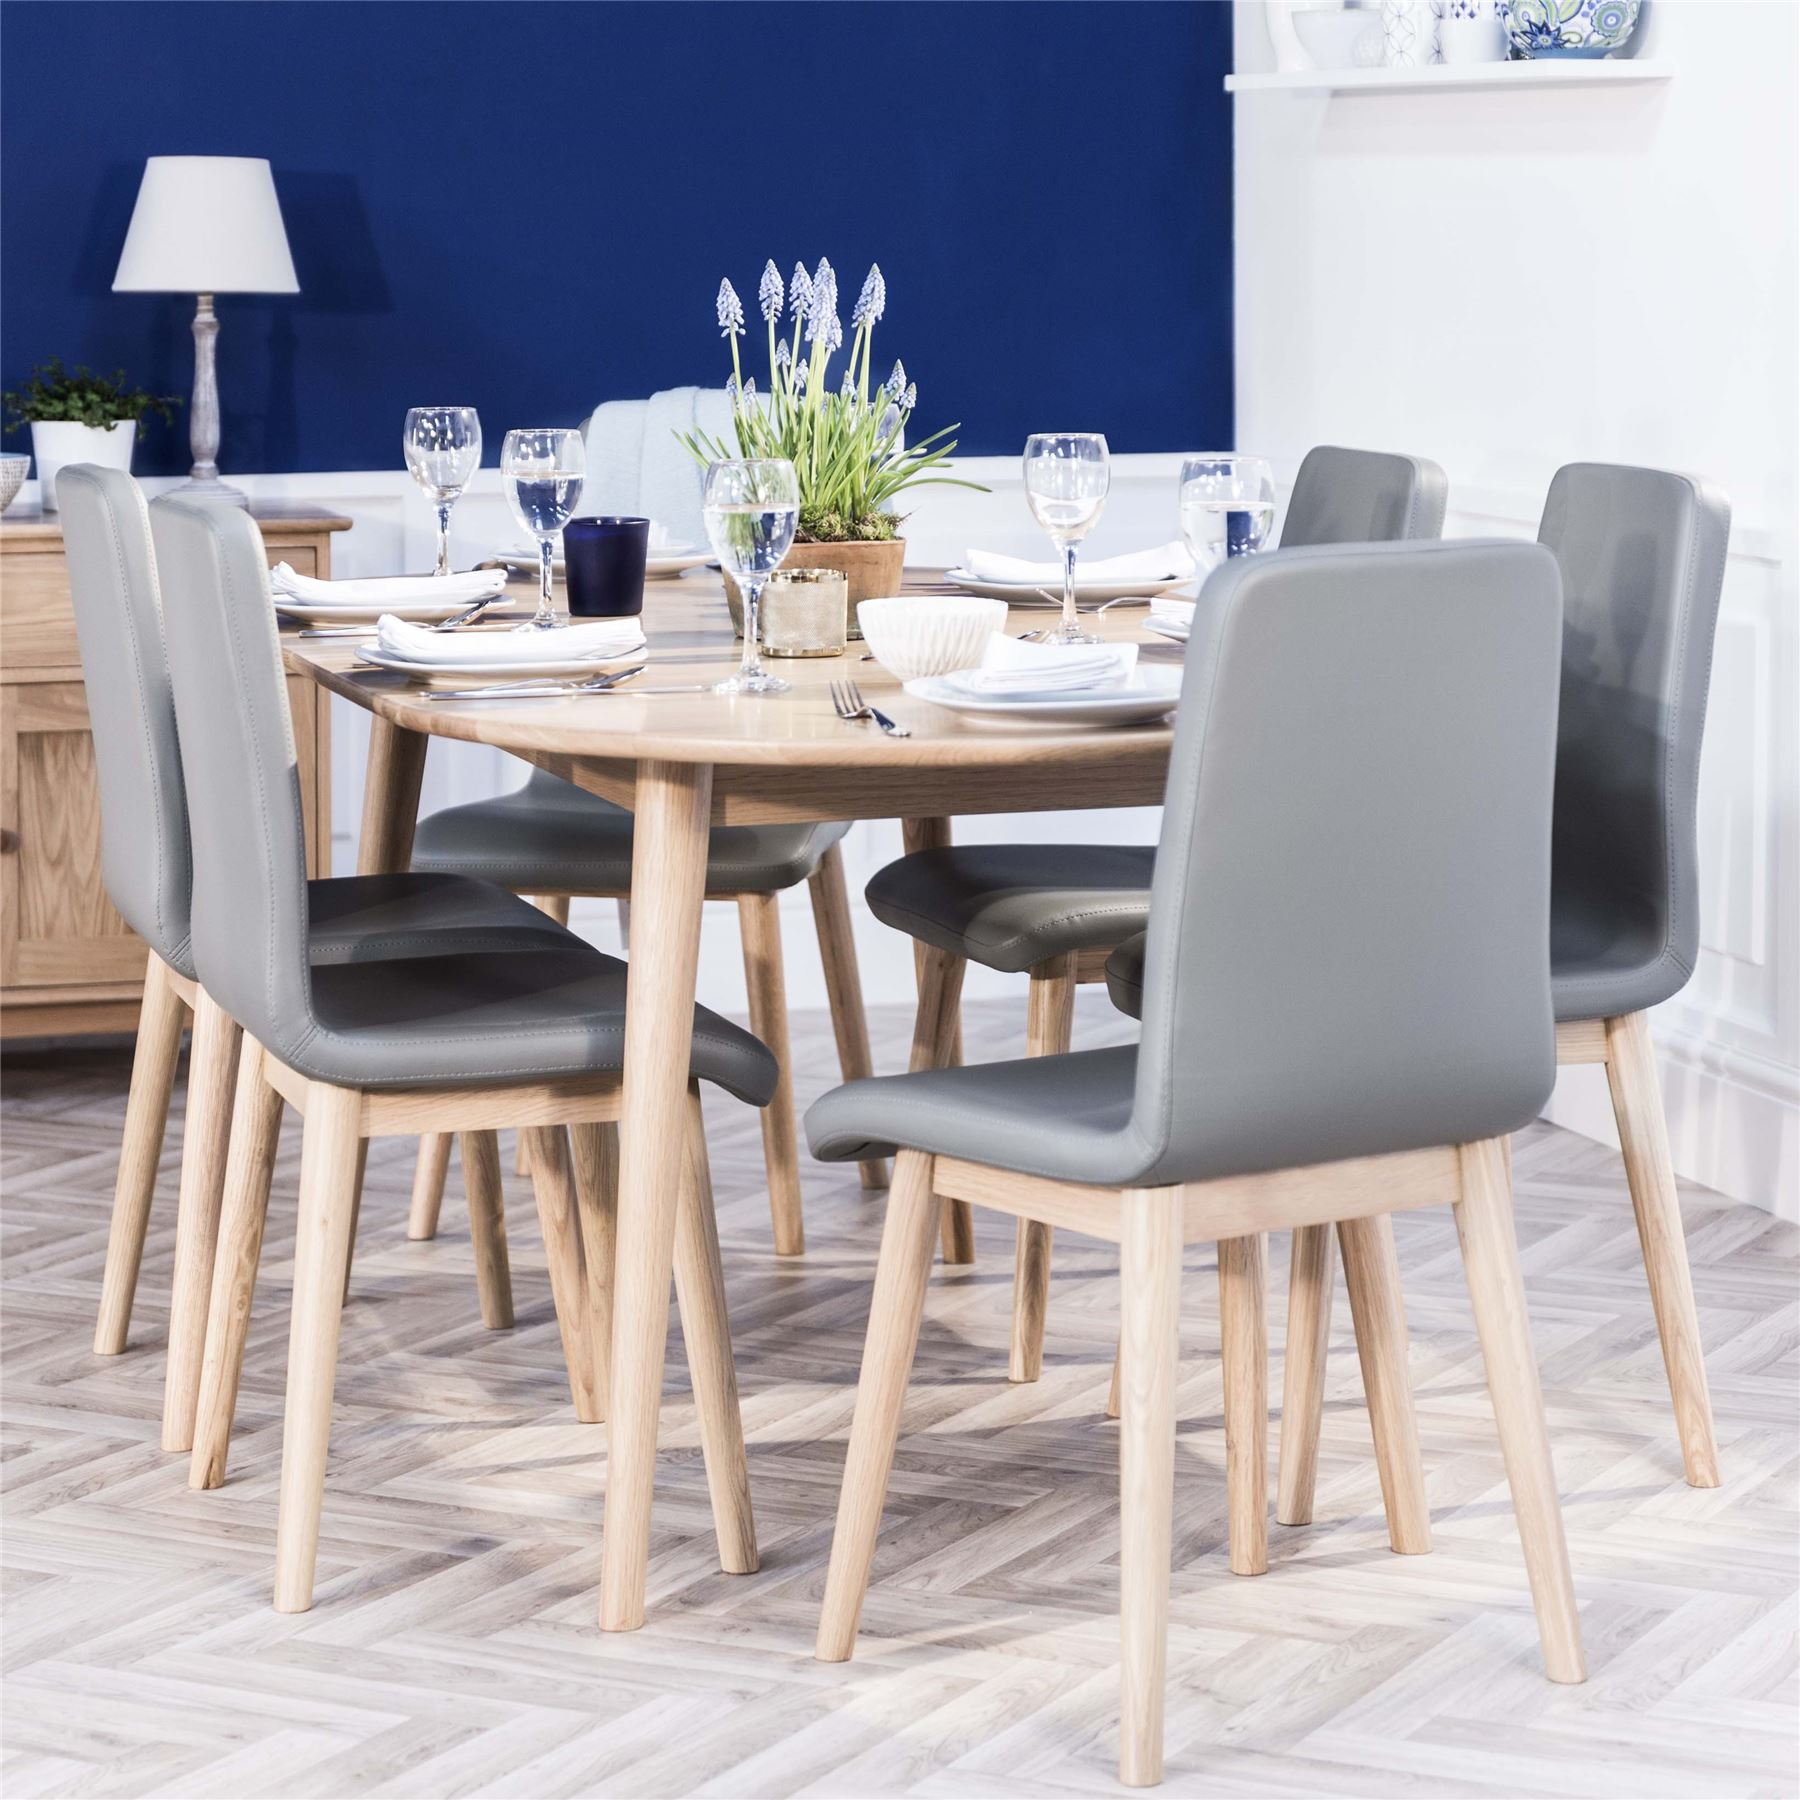 Edvard olsen oak kitchen dining table extending dining